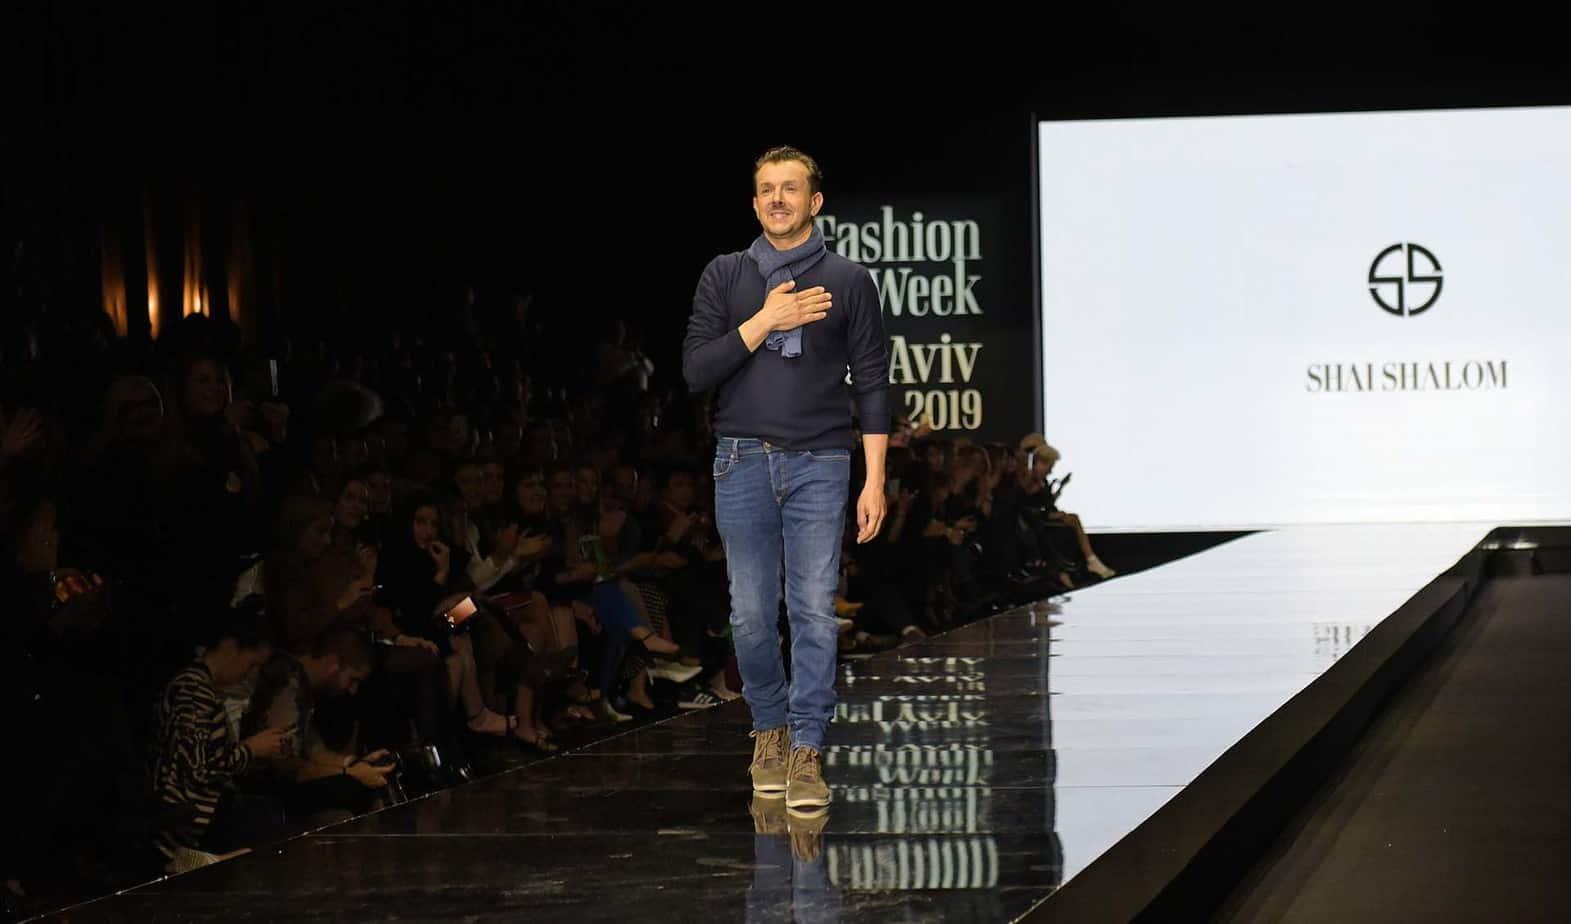 שי שלום. שבוע האופנה תל אביב 2019. צילום סרג'ו סטרודובצב - 15